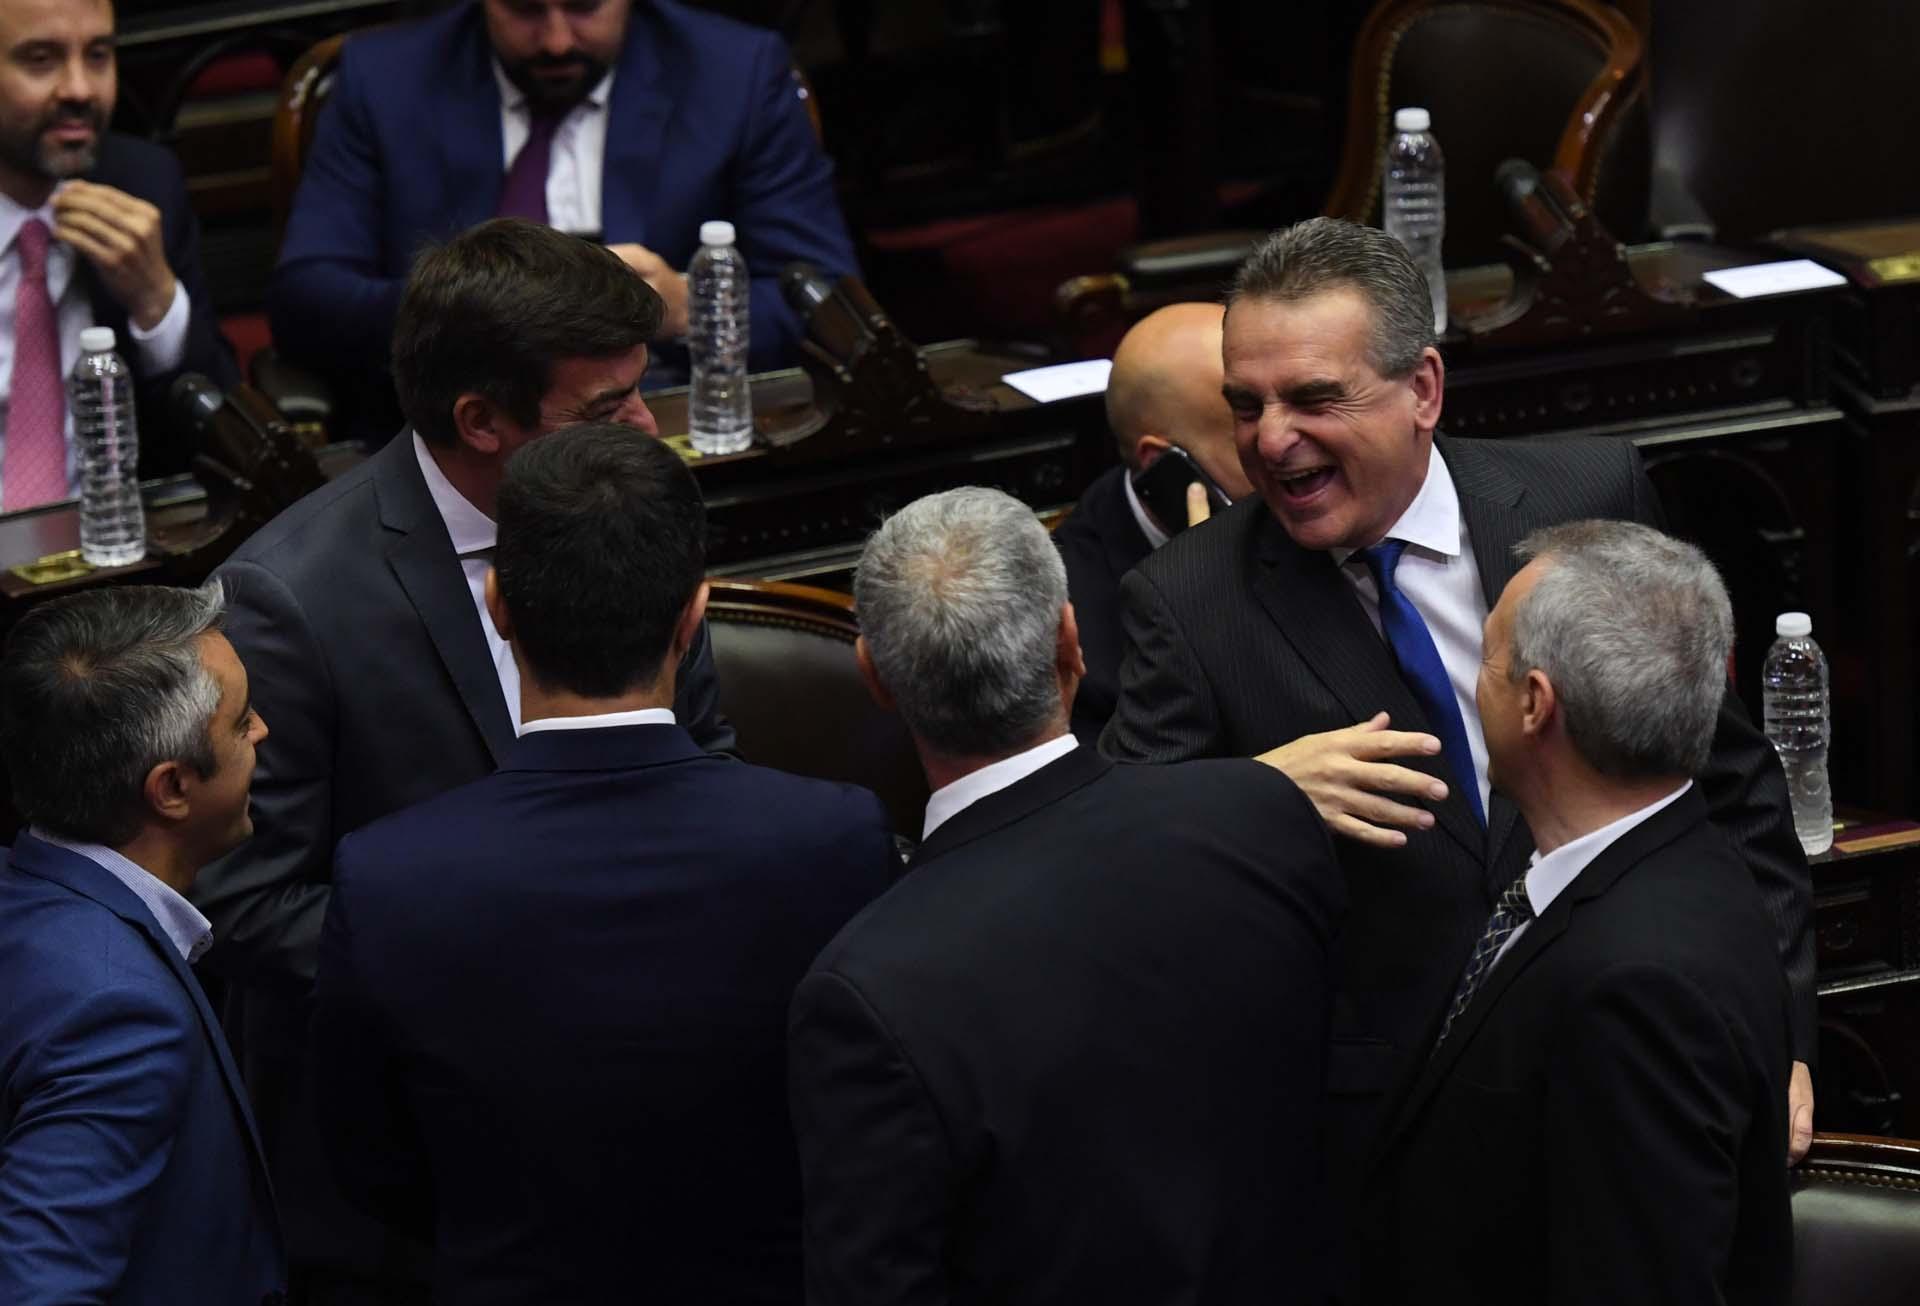 Risas entre diputados entrantes y salientes. Agustín Rossi dejó la presidencia del bloque K. Será ministro de Defensa de Alberto Fernández